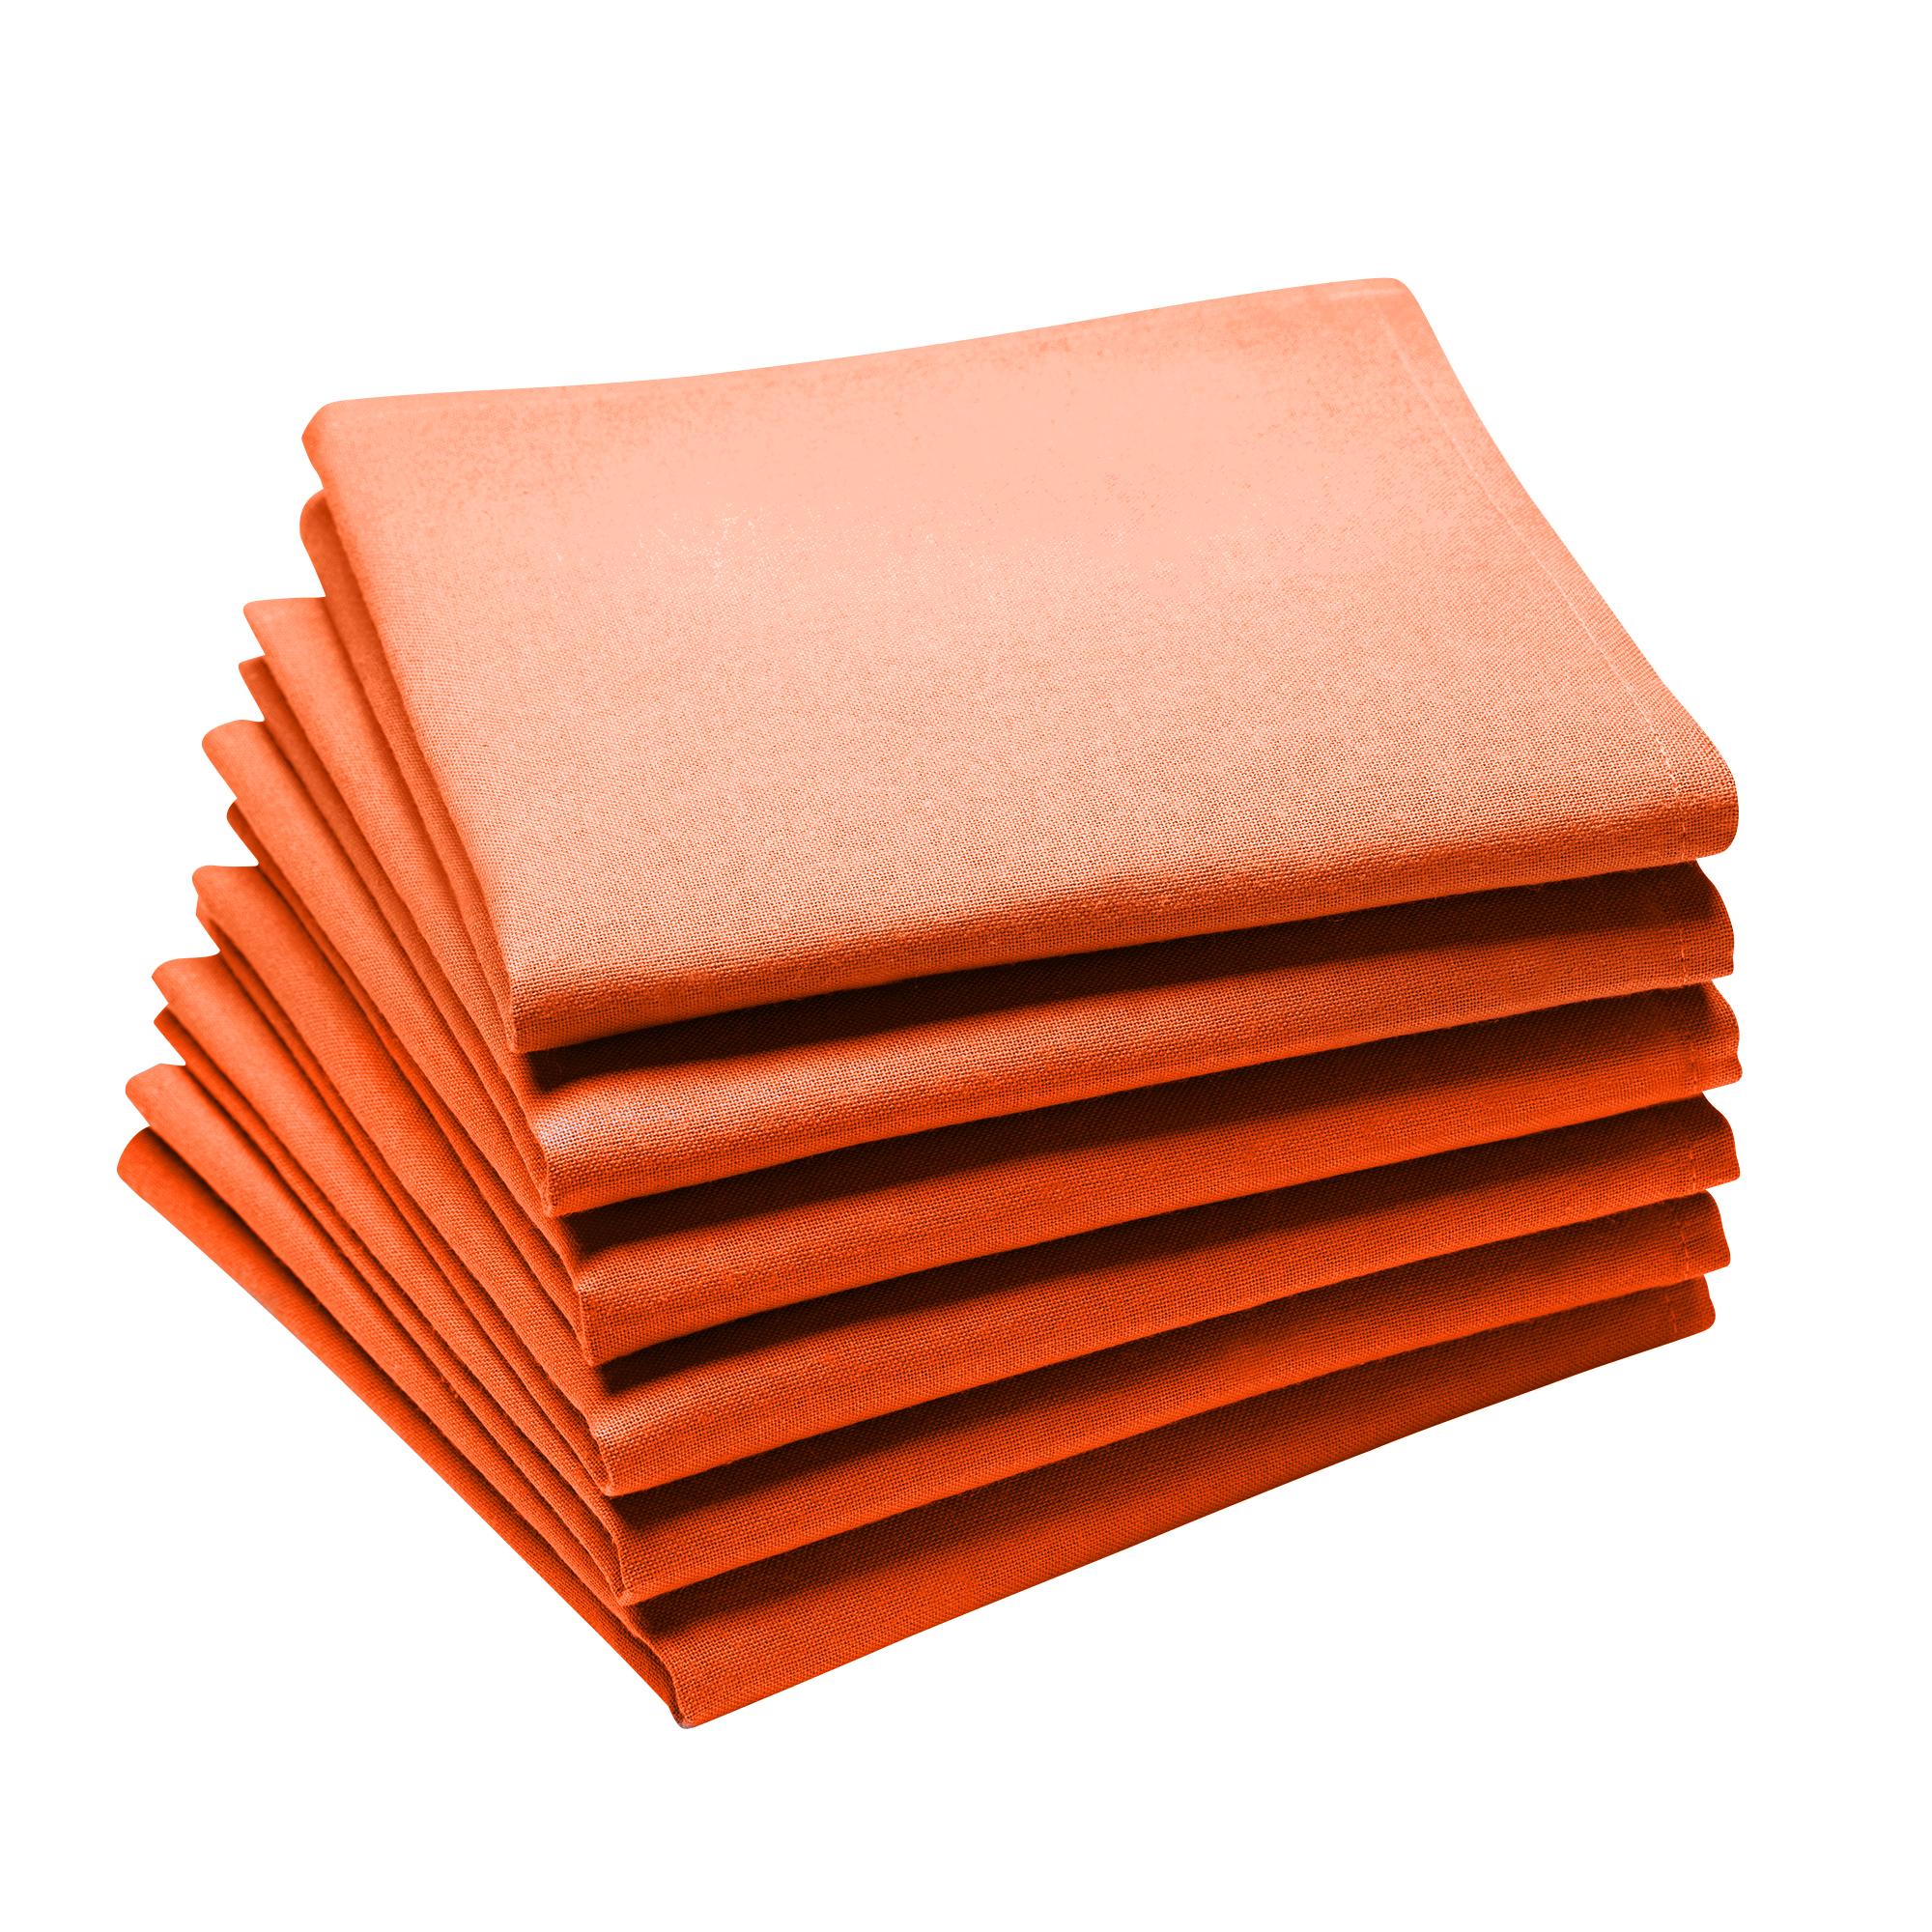 Lot de 6 serviettes en coton traite Teflon, Mandarine 45 x 45